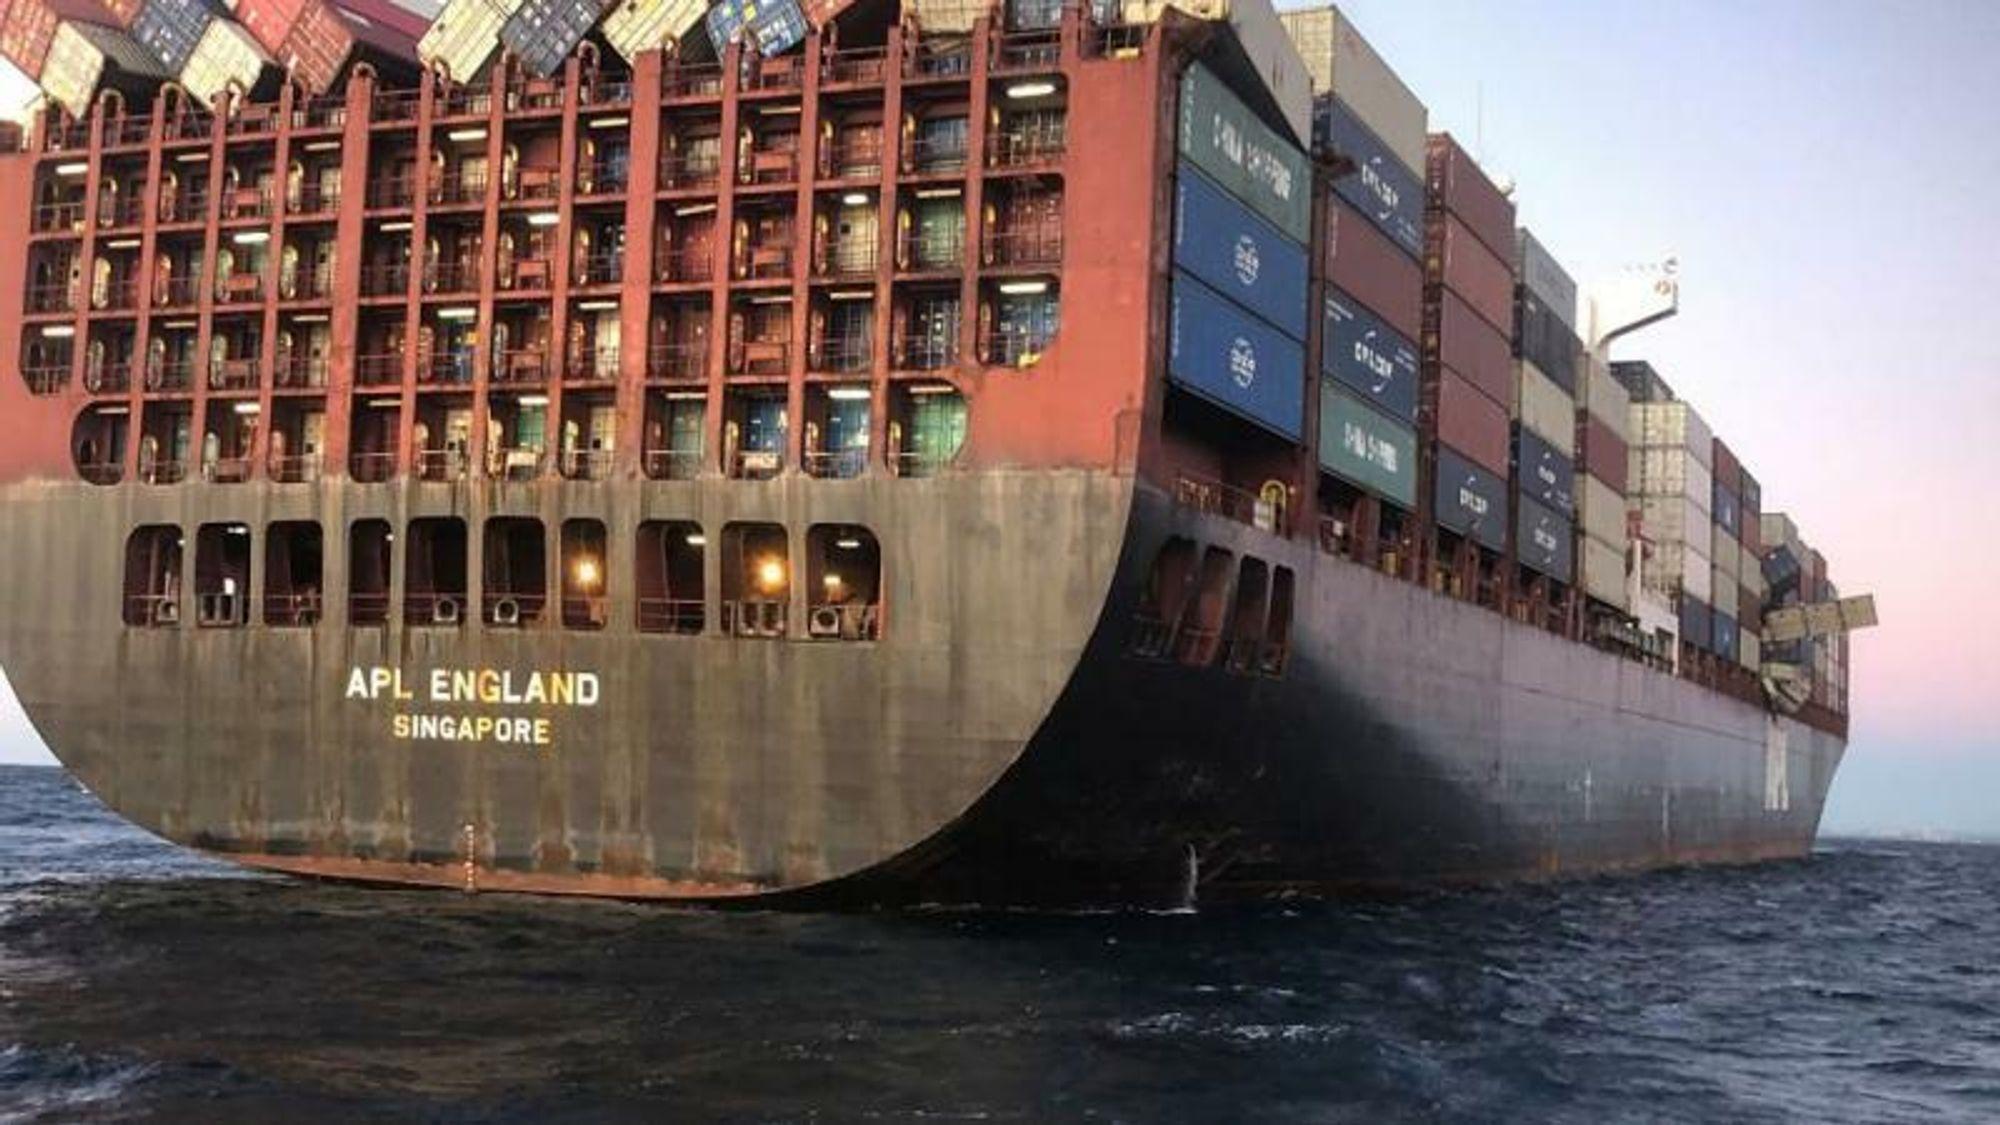 Skipet APL England har flere ganger mistet containere, senest våren 2020. Da mistet skipet 40 containere, noe som gjorde at ansiktsmasker og ødelagte kjølebeholdere ble skylt opp utenfor Sydney.